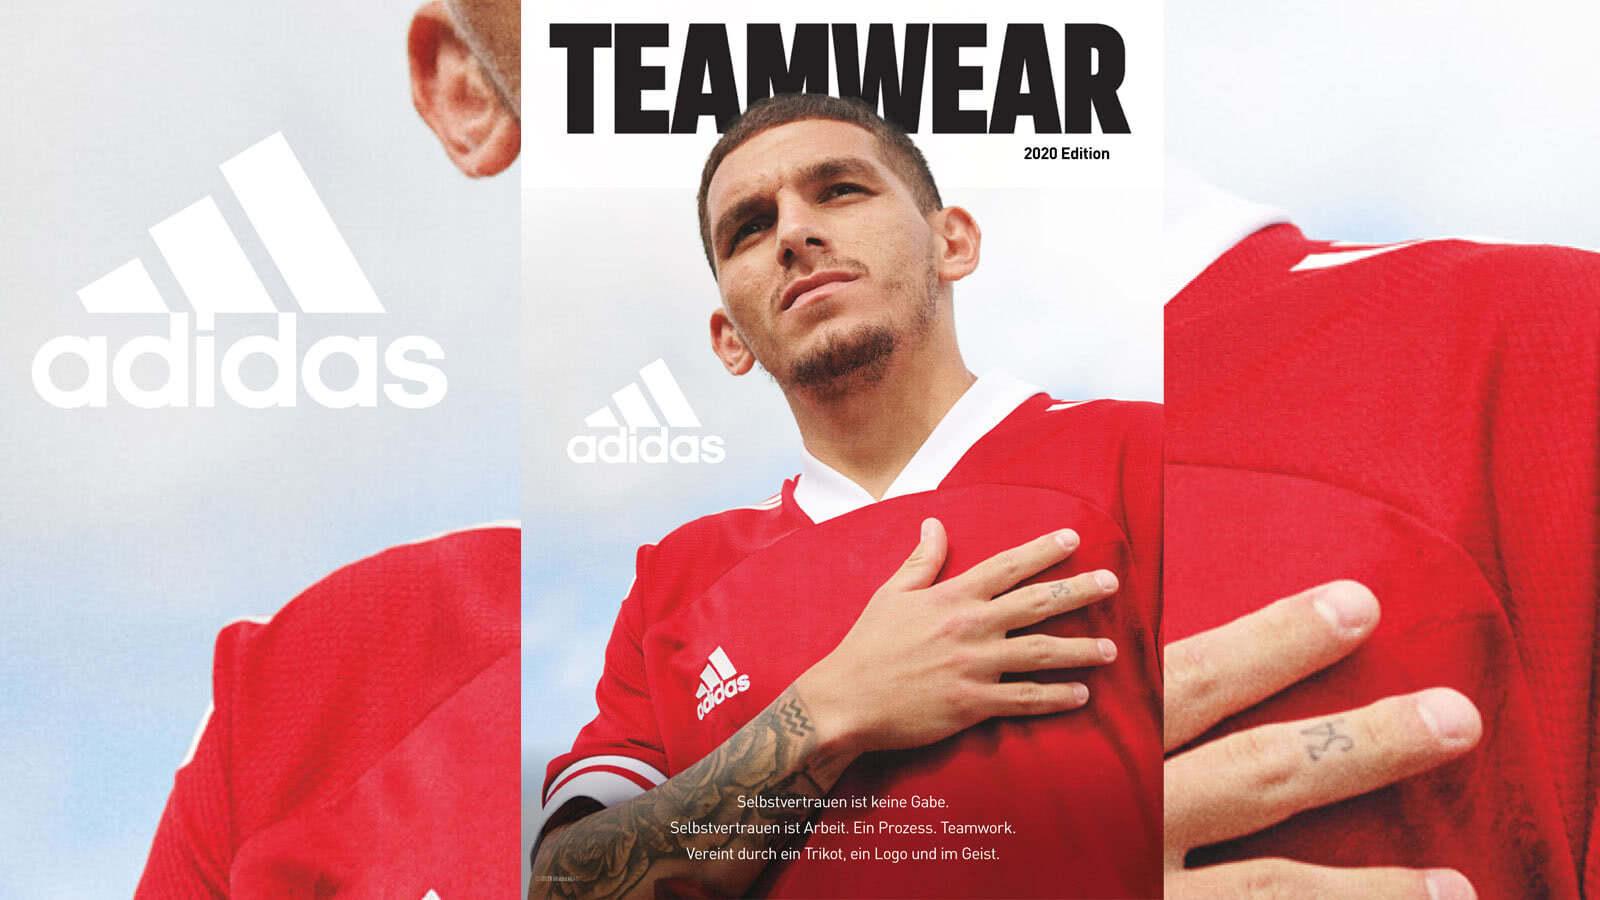 Der adidas Teamwear Katalog 2020/2021 als PDF download